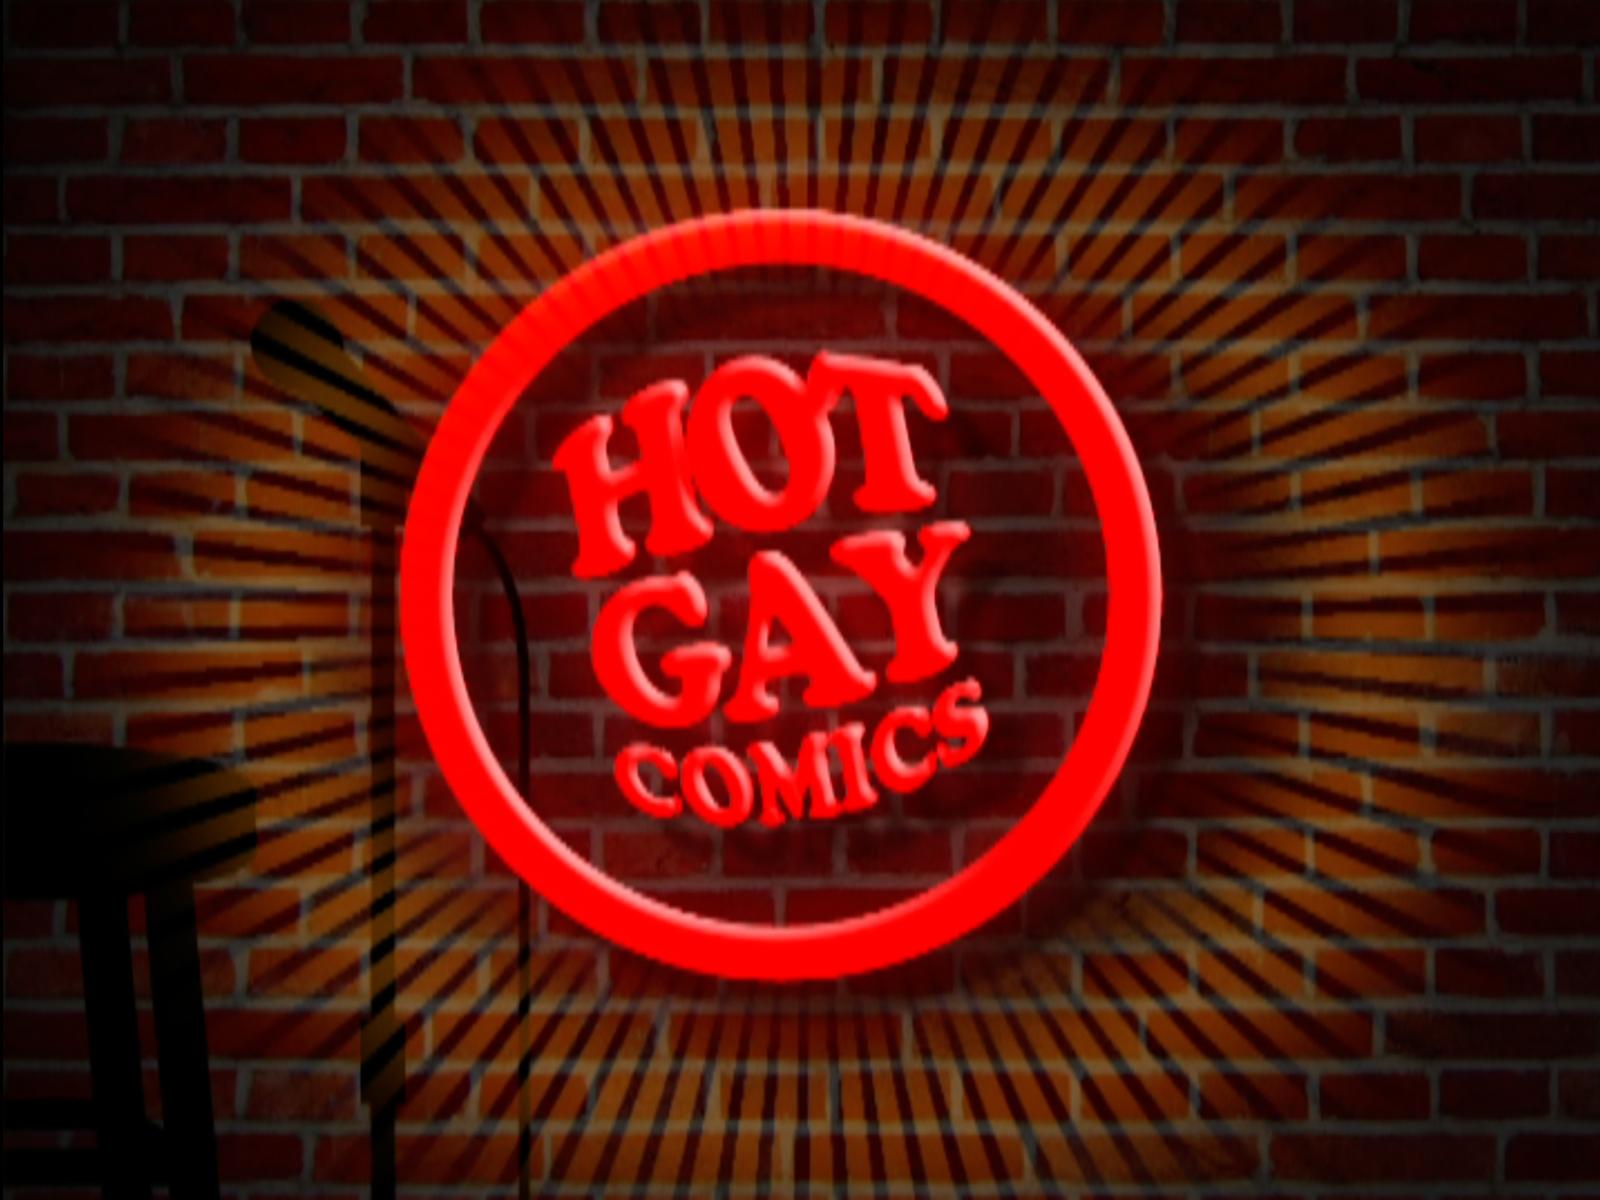 Here-HotGayComicsS1-Full-Image-en-US.jpg